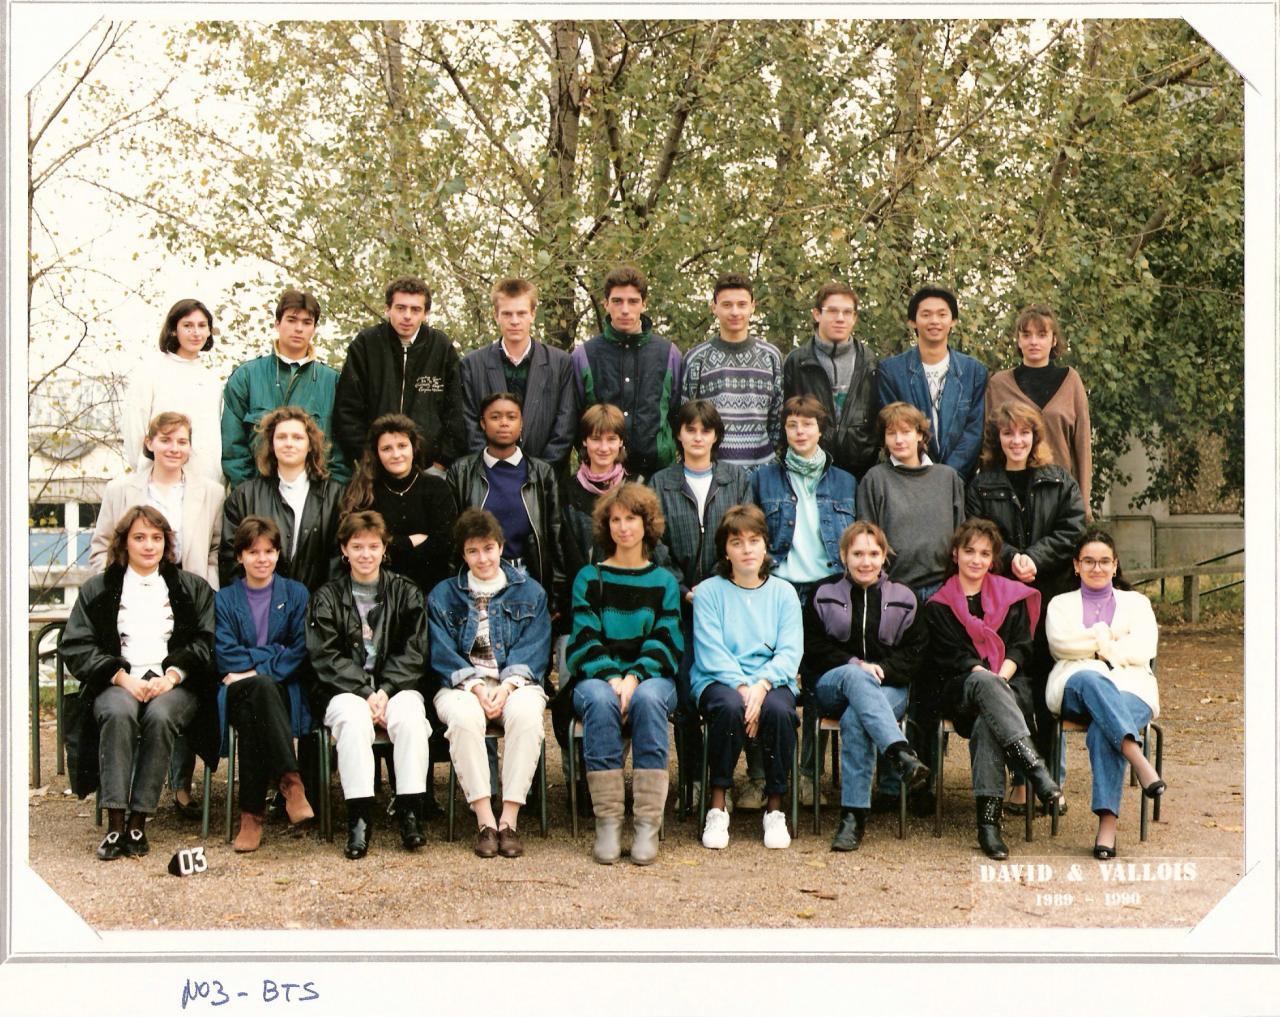 1990 - BTS